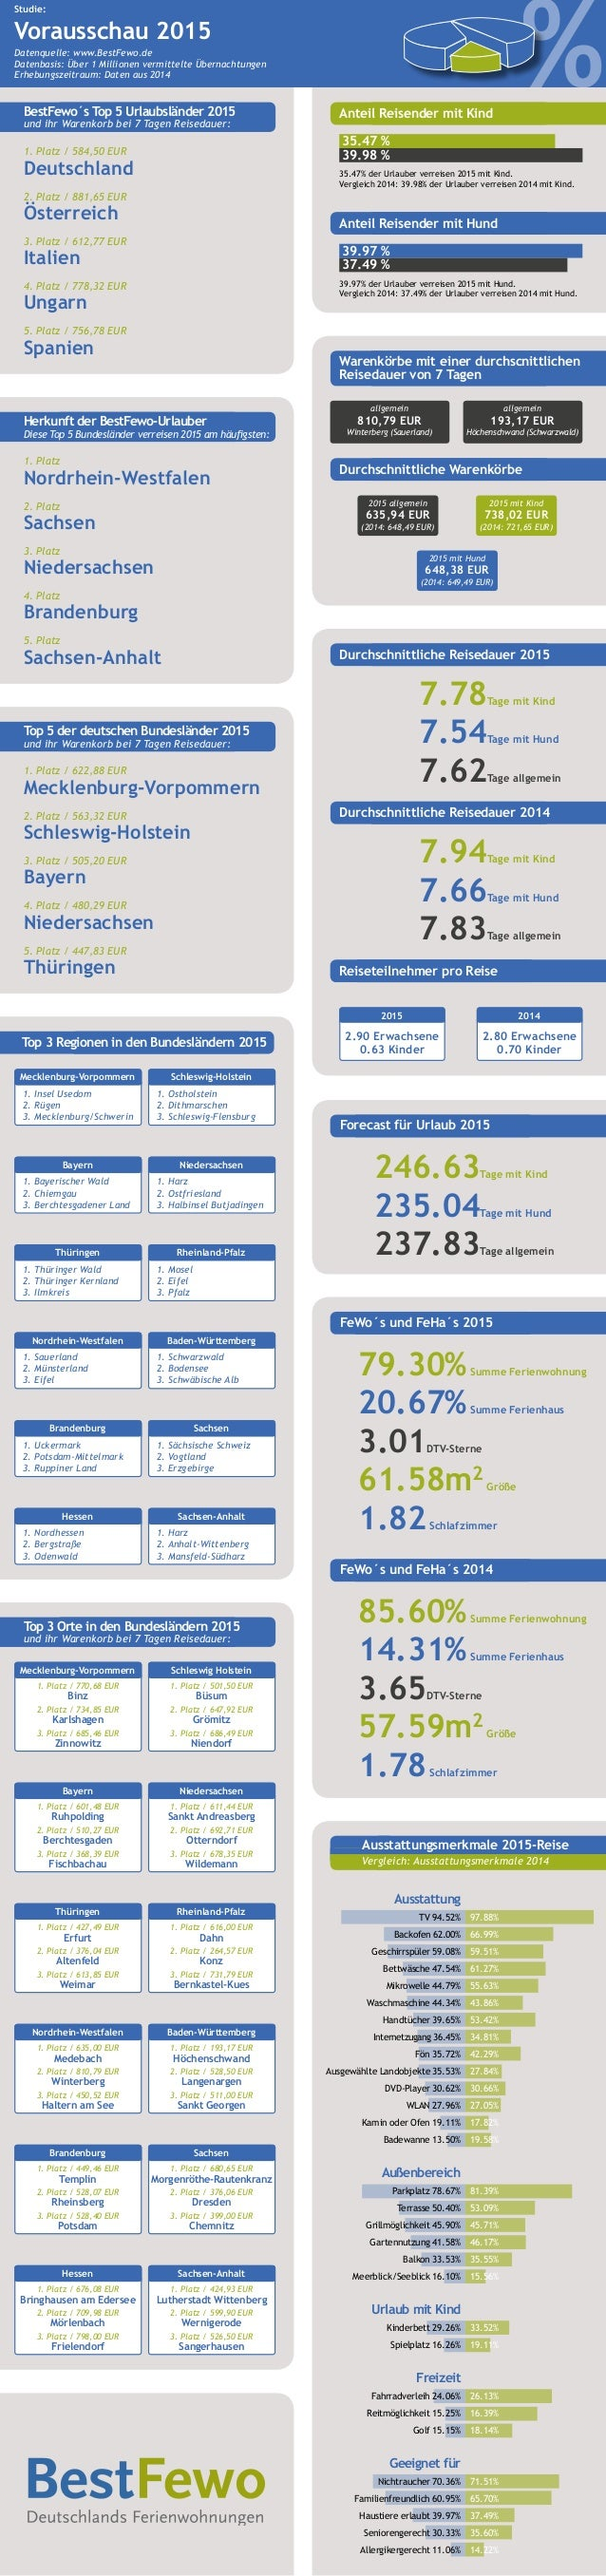 % Studie: Vorausschau 2015 Datenquelle: www.BestFewo.de Datenbasis: Über 1 Millionen vermittelte Übernachtungen Erhebungsz...